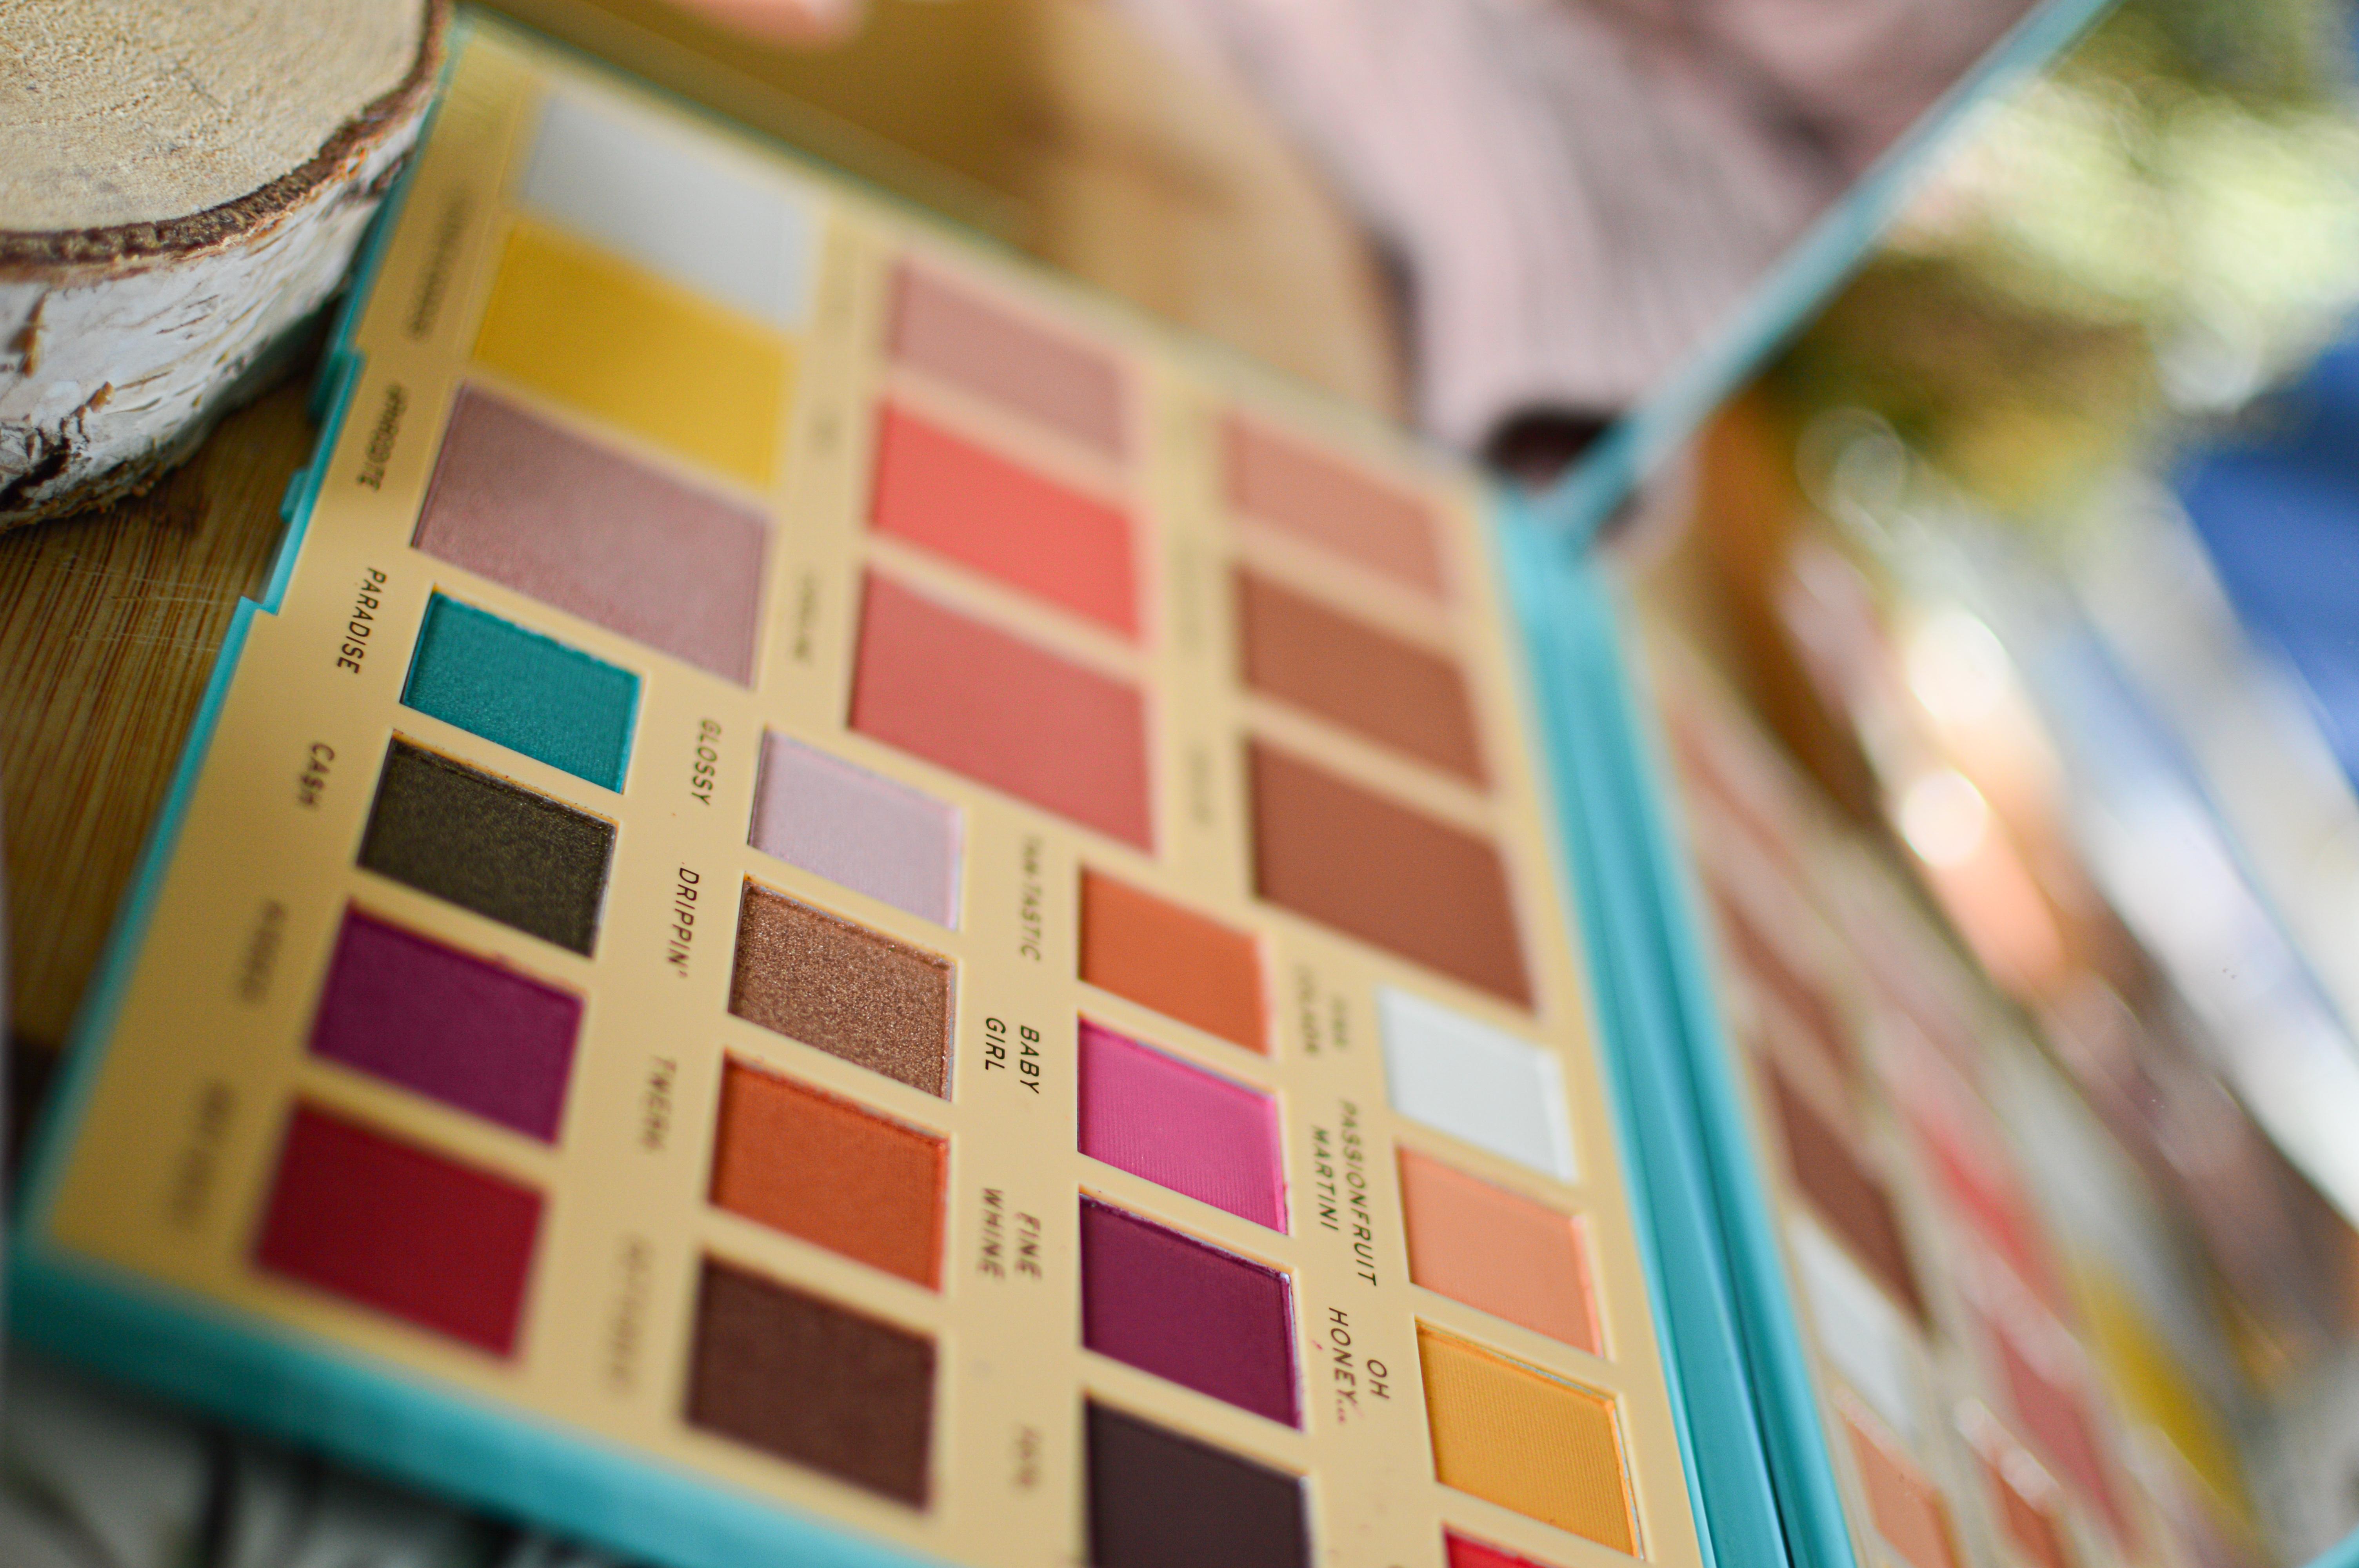 kosmetyki zameryki promocja